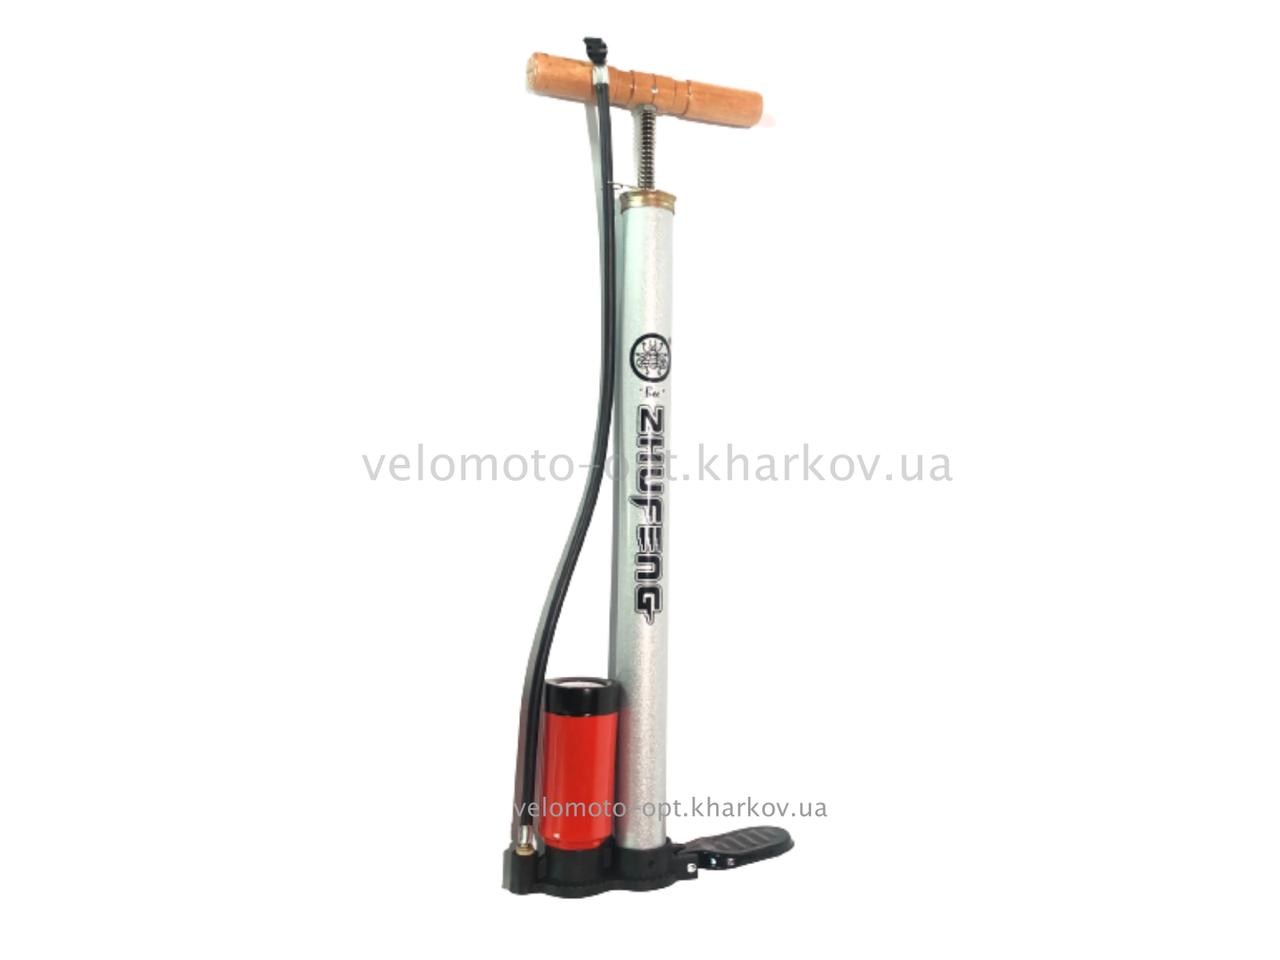 Насос підлоговий ручний з манометром і дерев'яною ручкою Zhufeng